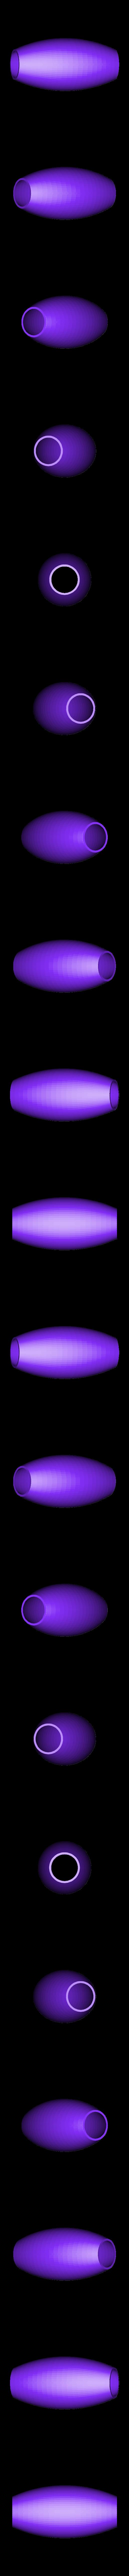 warhead_4_clear_whole.stl Download free STL file GI Joe Nanomites warhead • 3D print model, poblocki1982